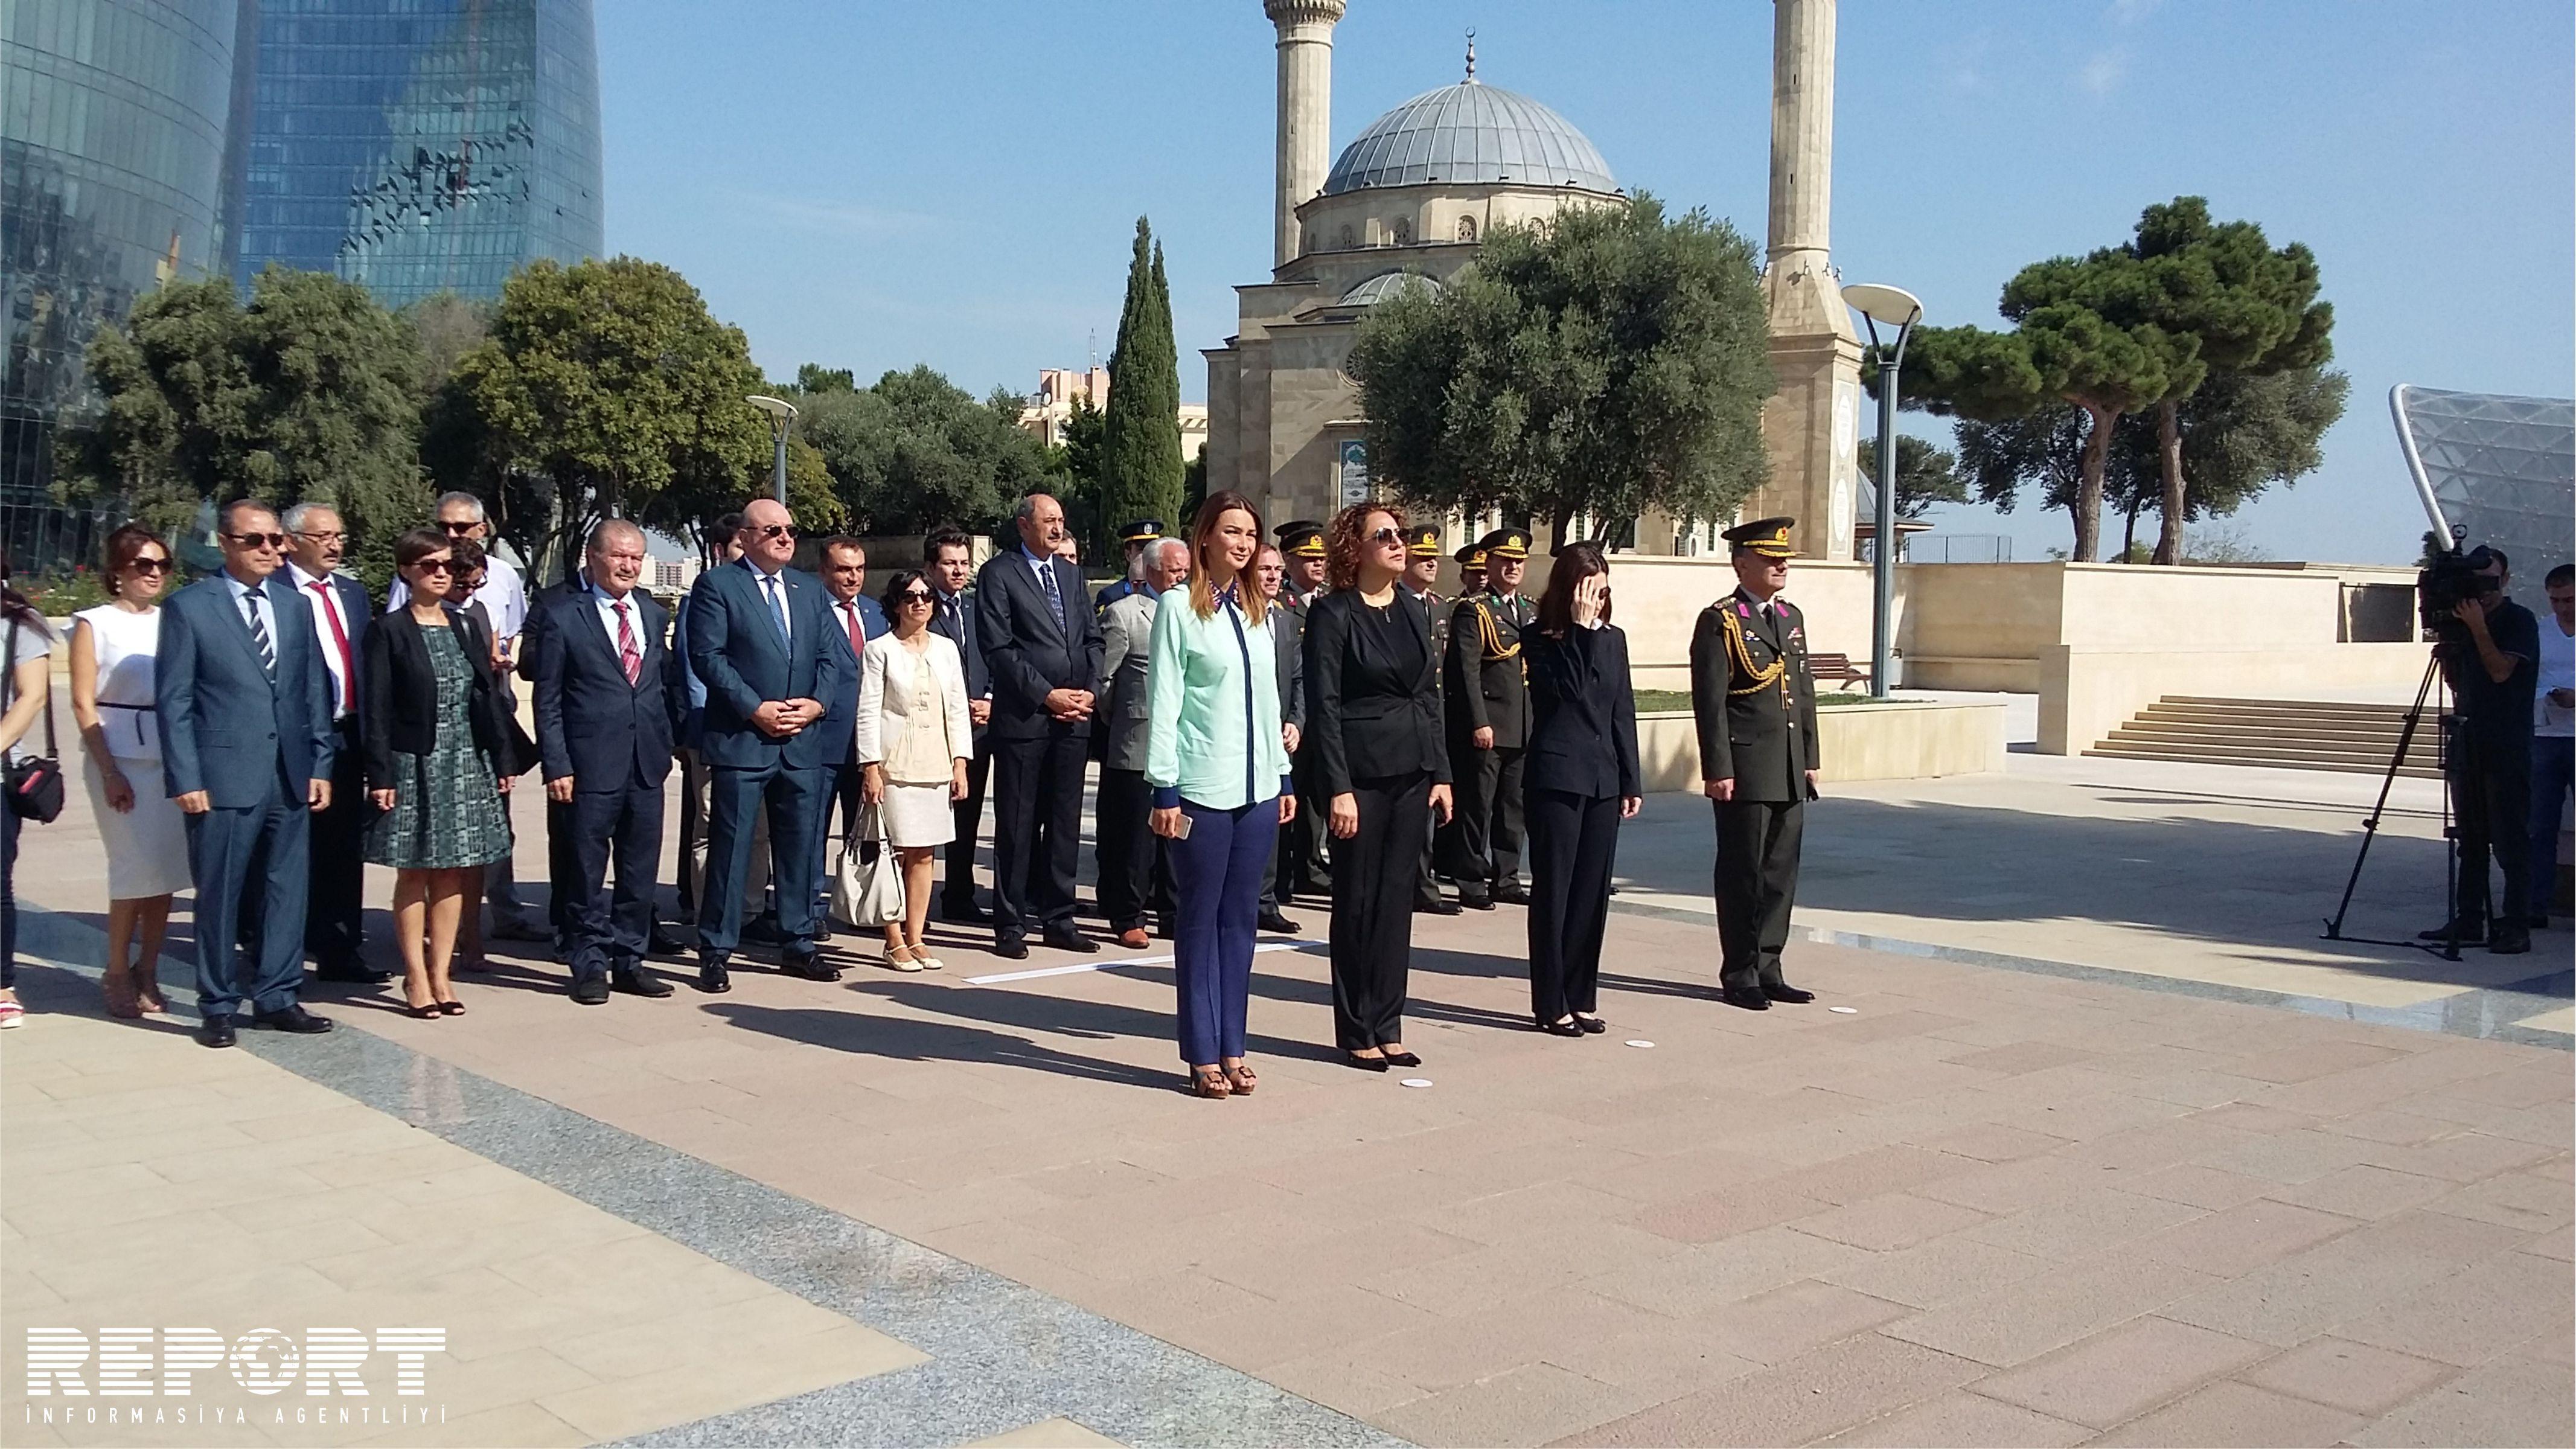 Сотрудники посольства Турции посетили памятник турецким шехидам в Баку